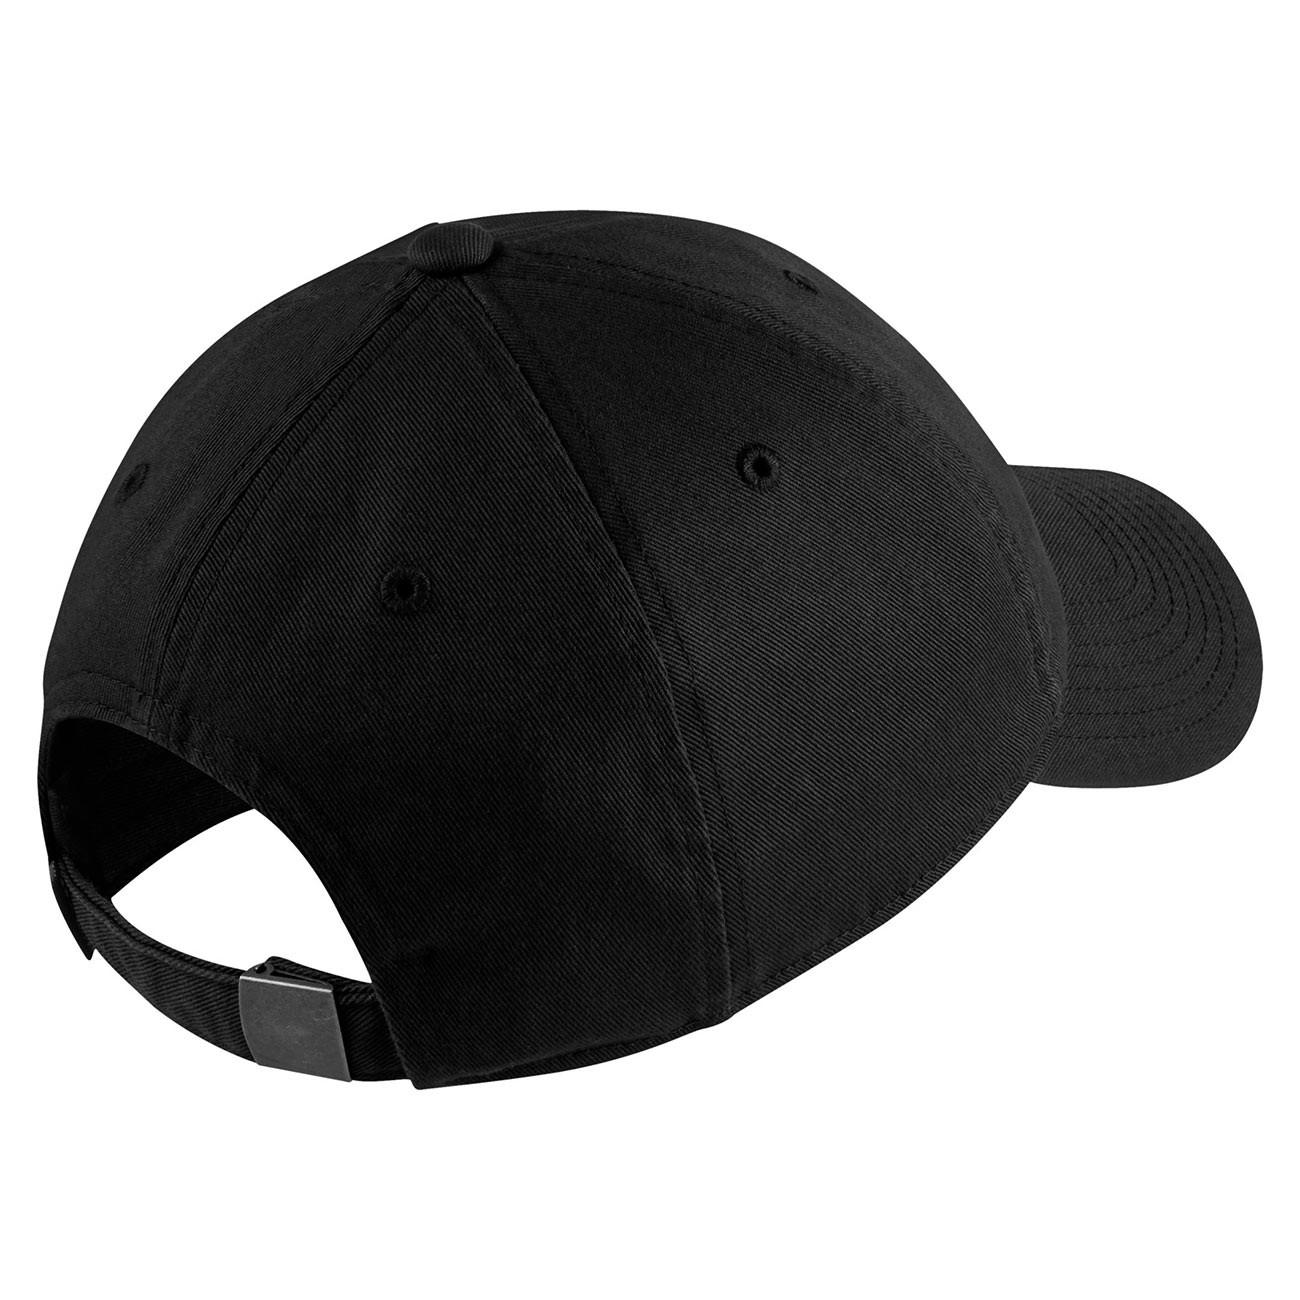 481e9ce6713c7 Cap Nike SB H86 Twill black black white